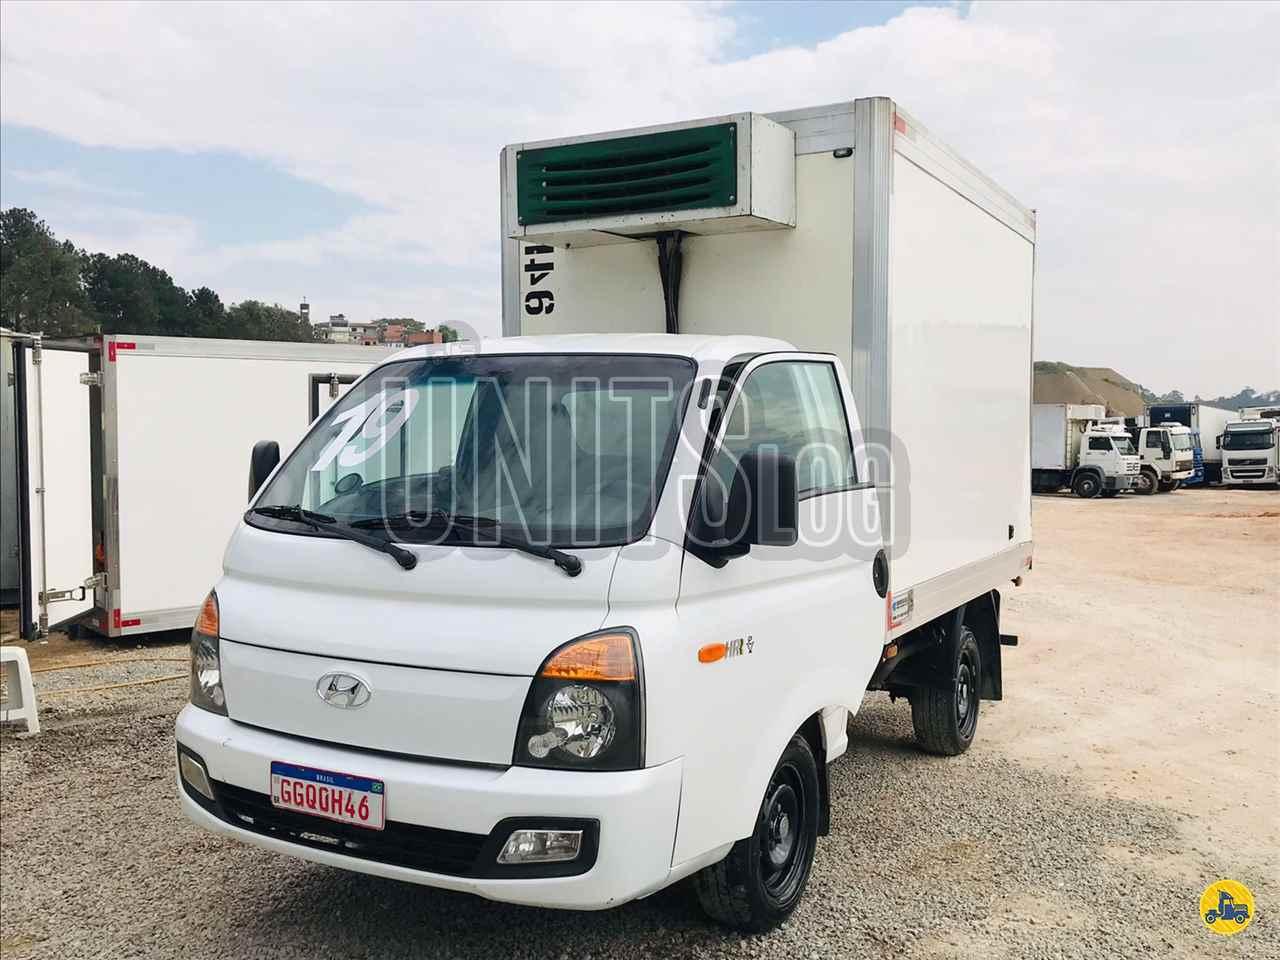 CAMINHAO HYUNDAI HR Chassis 3/4 4x2 Unitslog Caminhões ITAPECERICA DA SERRA SÃO PAULO SP